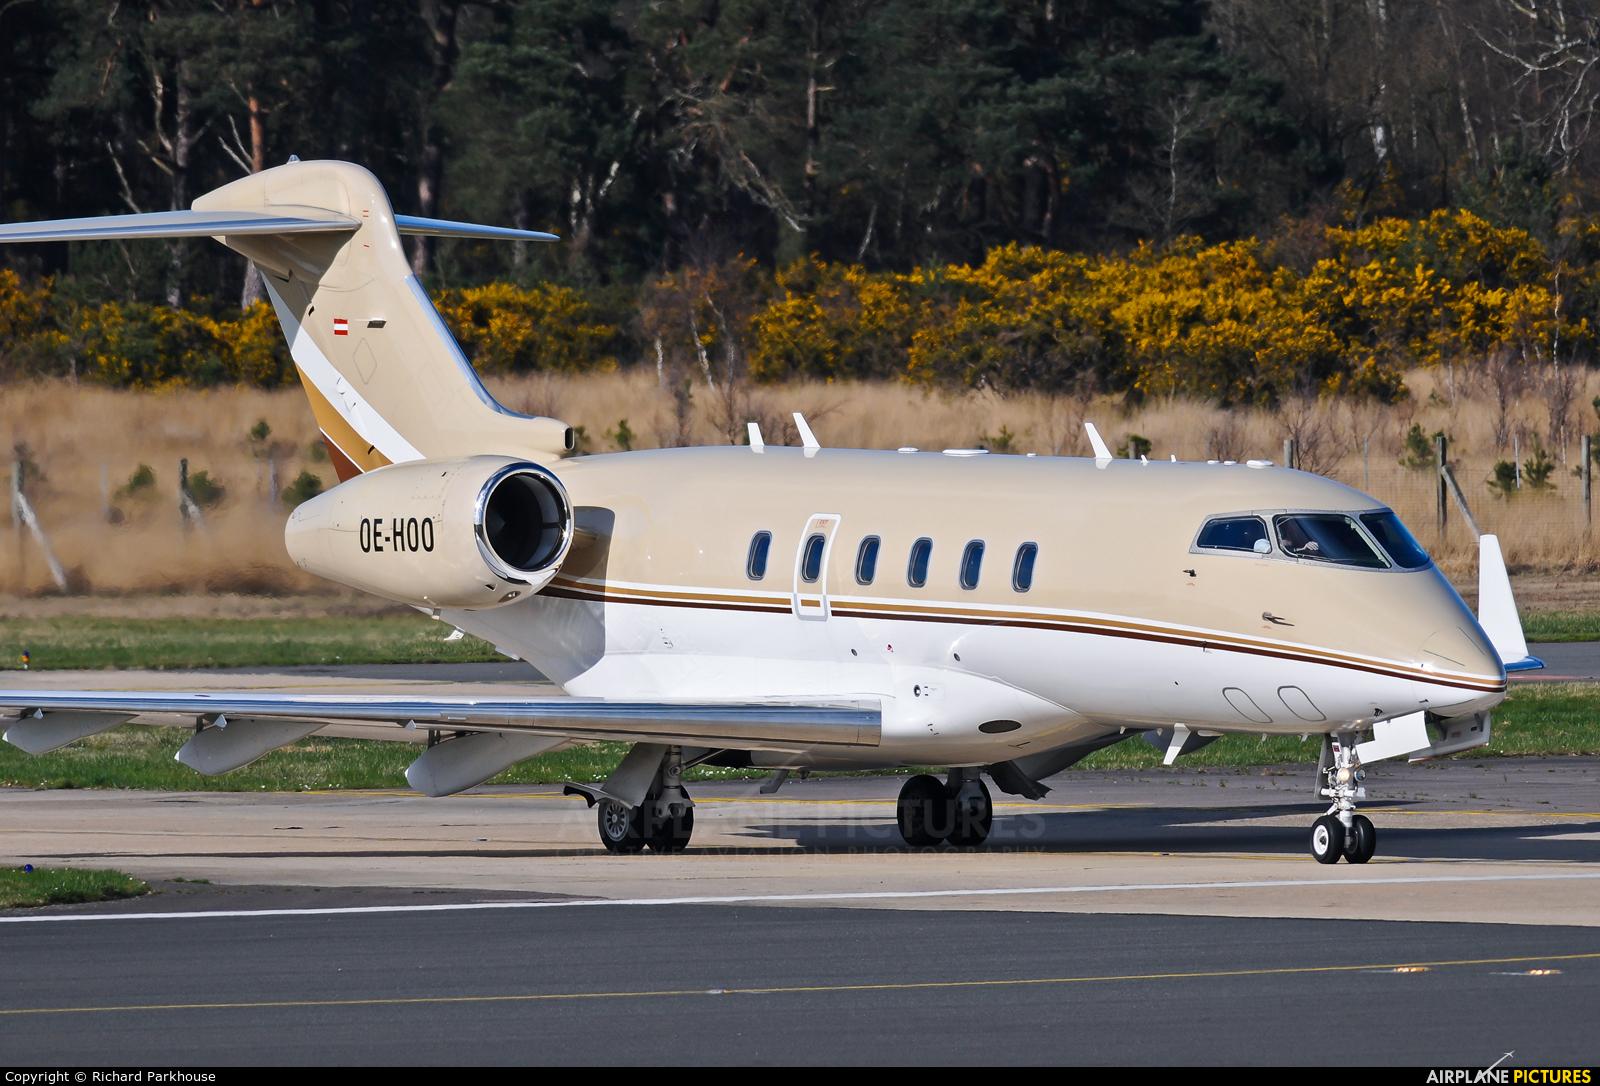 Avcon Jet OE-HOO aircraft at Farnborough